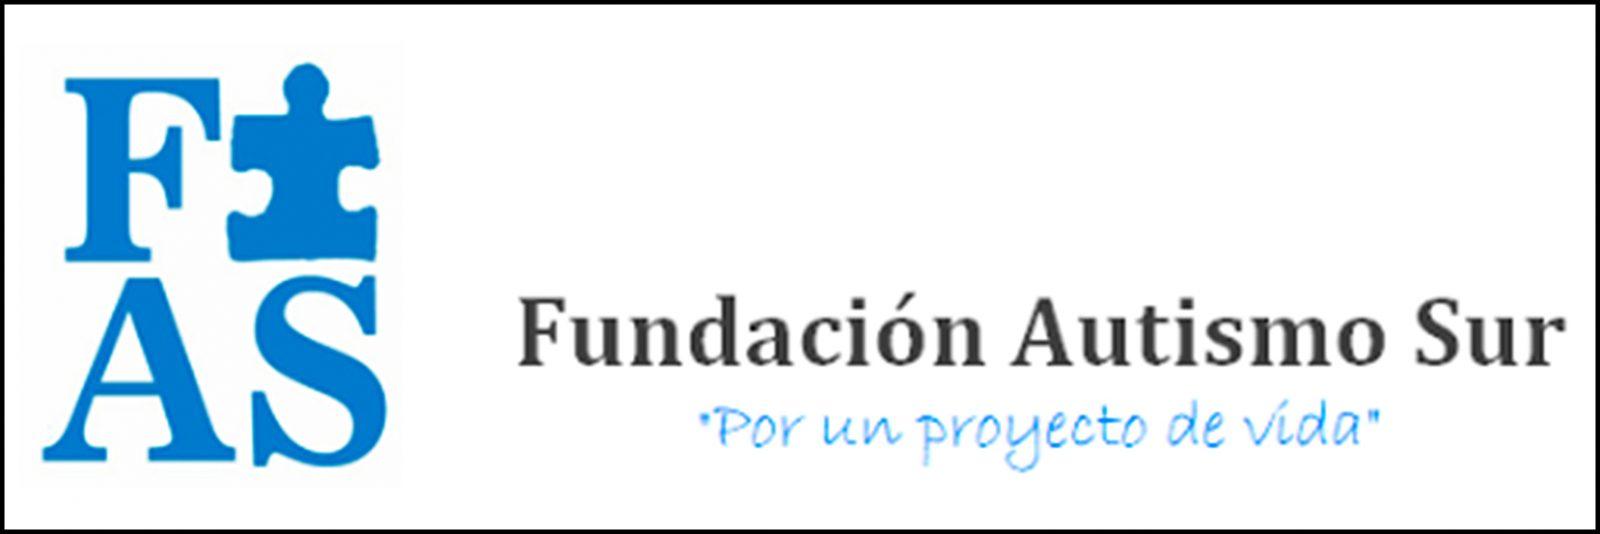 Fundación Autismo Sur